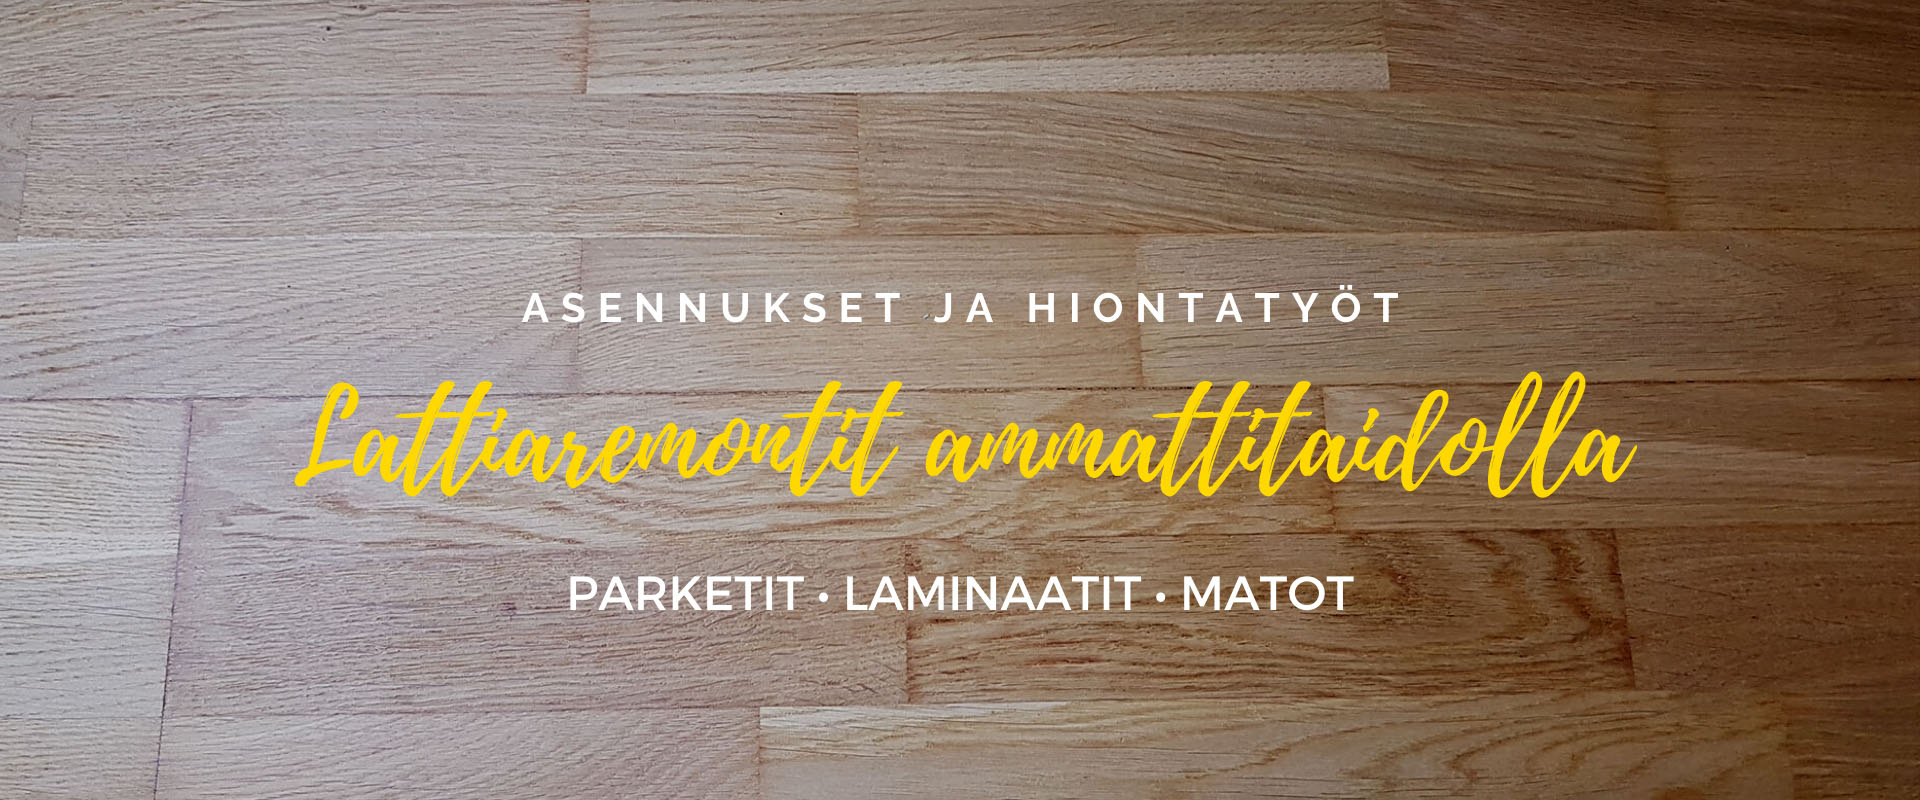 Lattiaremontit ja parkettien hiontatyöt Tampereella • TelaKalle Oy